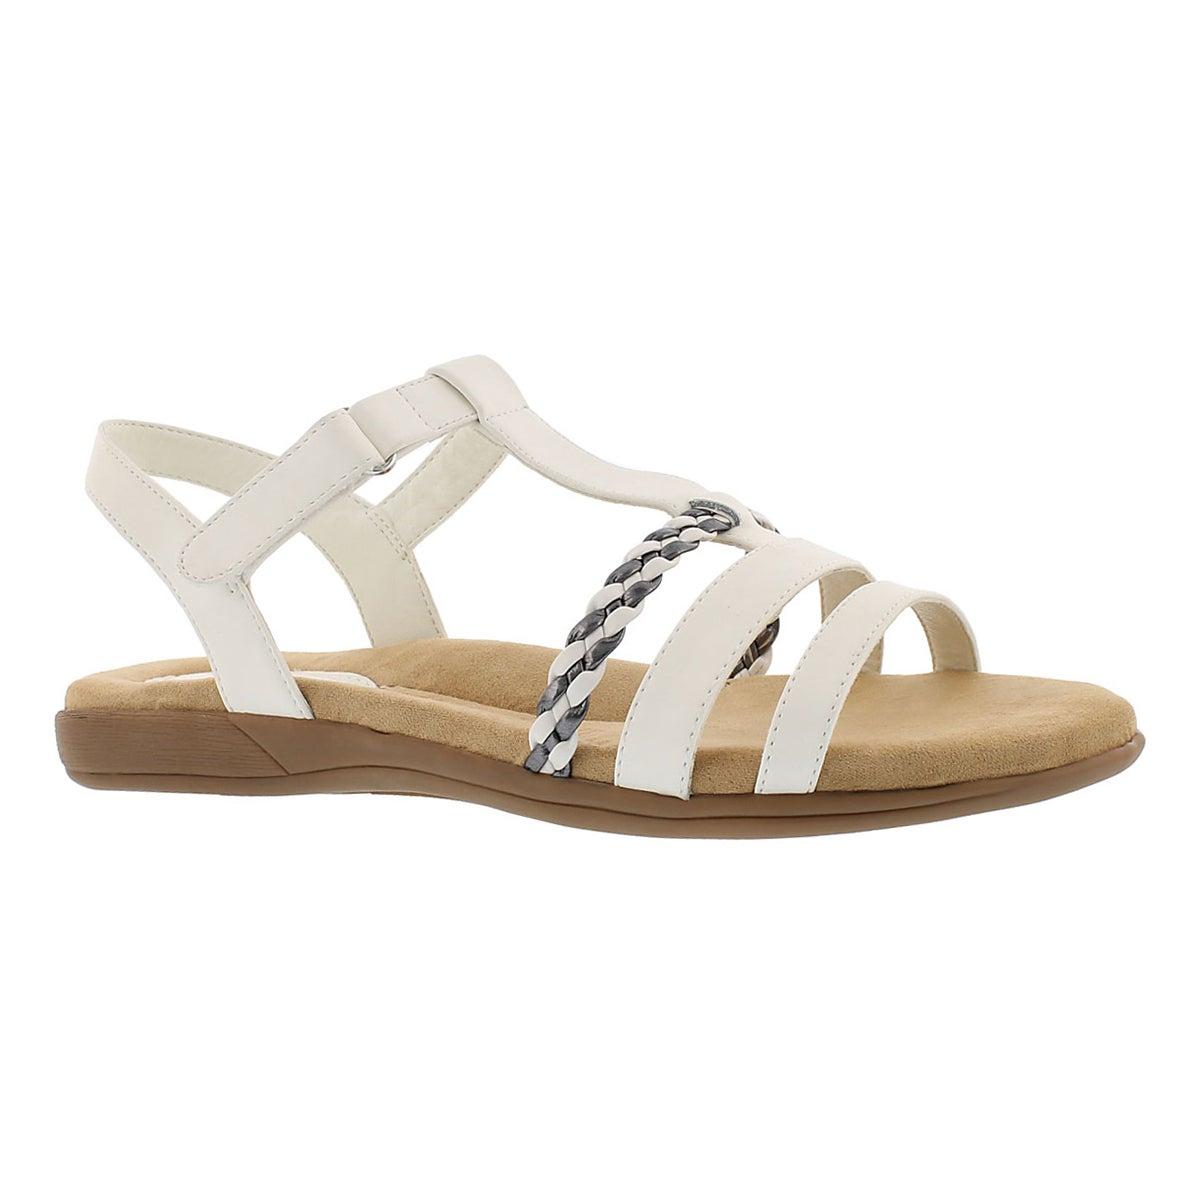 Women's GWEN white t-strap memory foam sandal